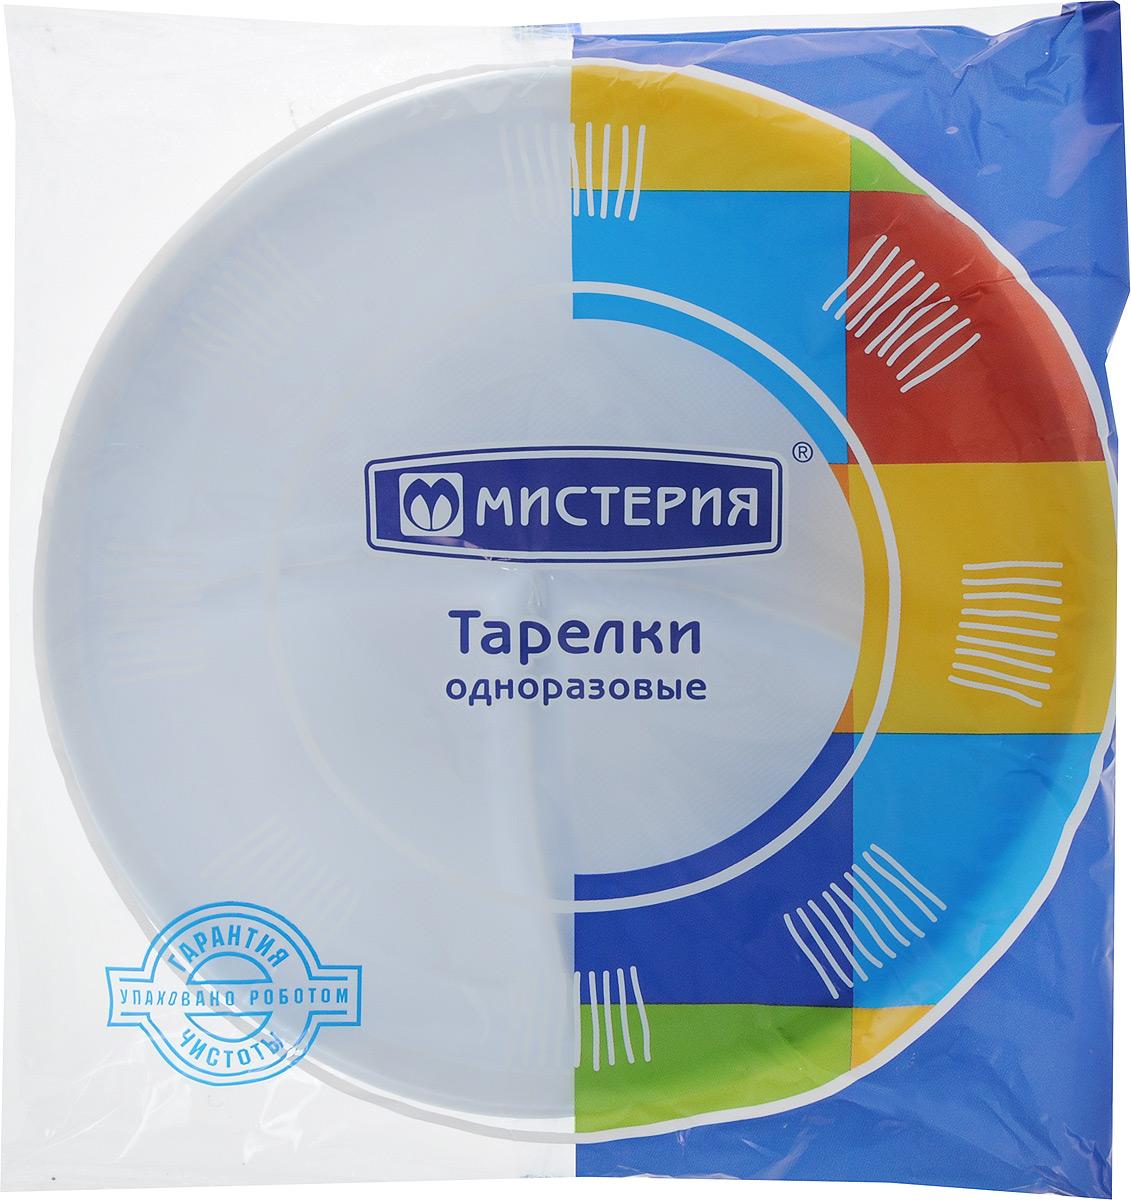 Набор одноразовых тарелок Мистерия, 3 секции, диаметр 21 см, 12 шт183480/Набор Мистерия состоит из 12 круглых тарелок, выполненных из полистирола и предназначенных для одноразового использования. Подходят для пищевых продуктов и имеют 3 секции. Одноразовые тарелки будут незаменимы при поездках на природу, пикниках и других мероприятиях. Они не займут много места, легки и самое главное - после использования их не надо мыть. Диаметр тарелки: 21 см. Высота тарелки: 2 см.